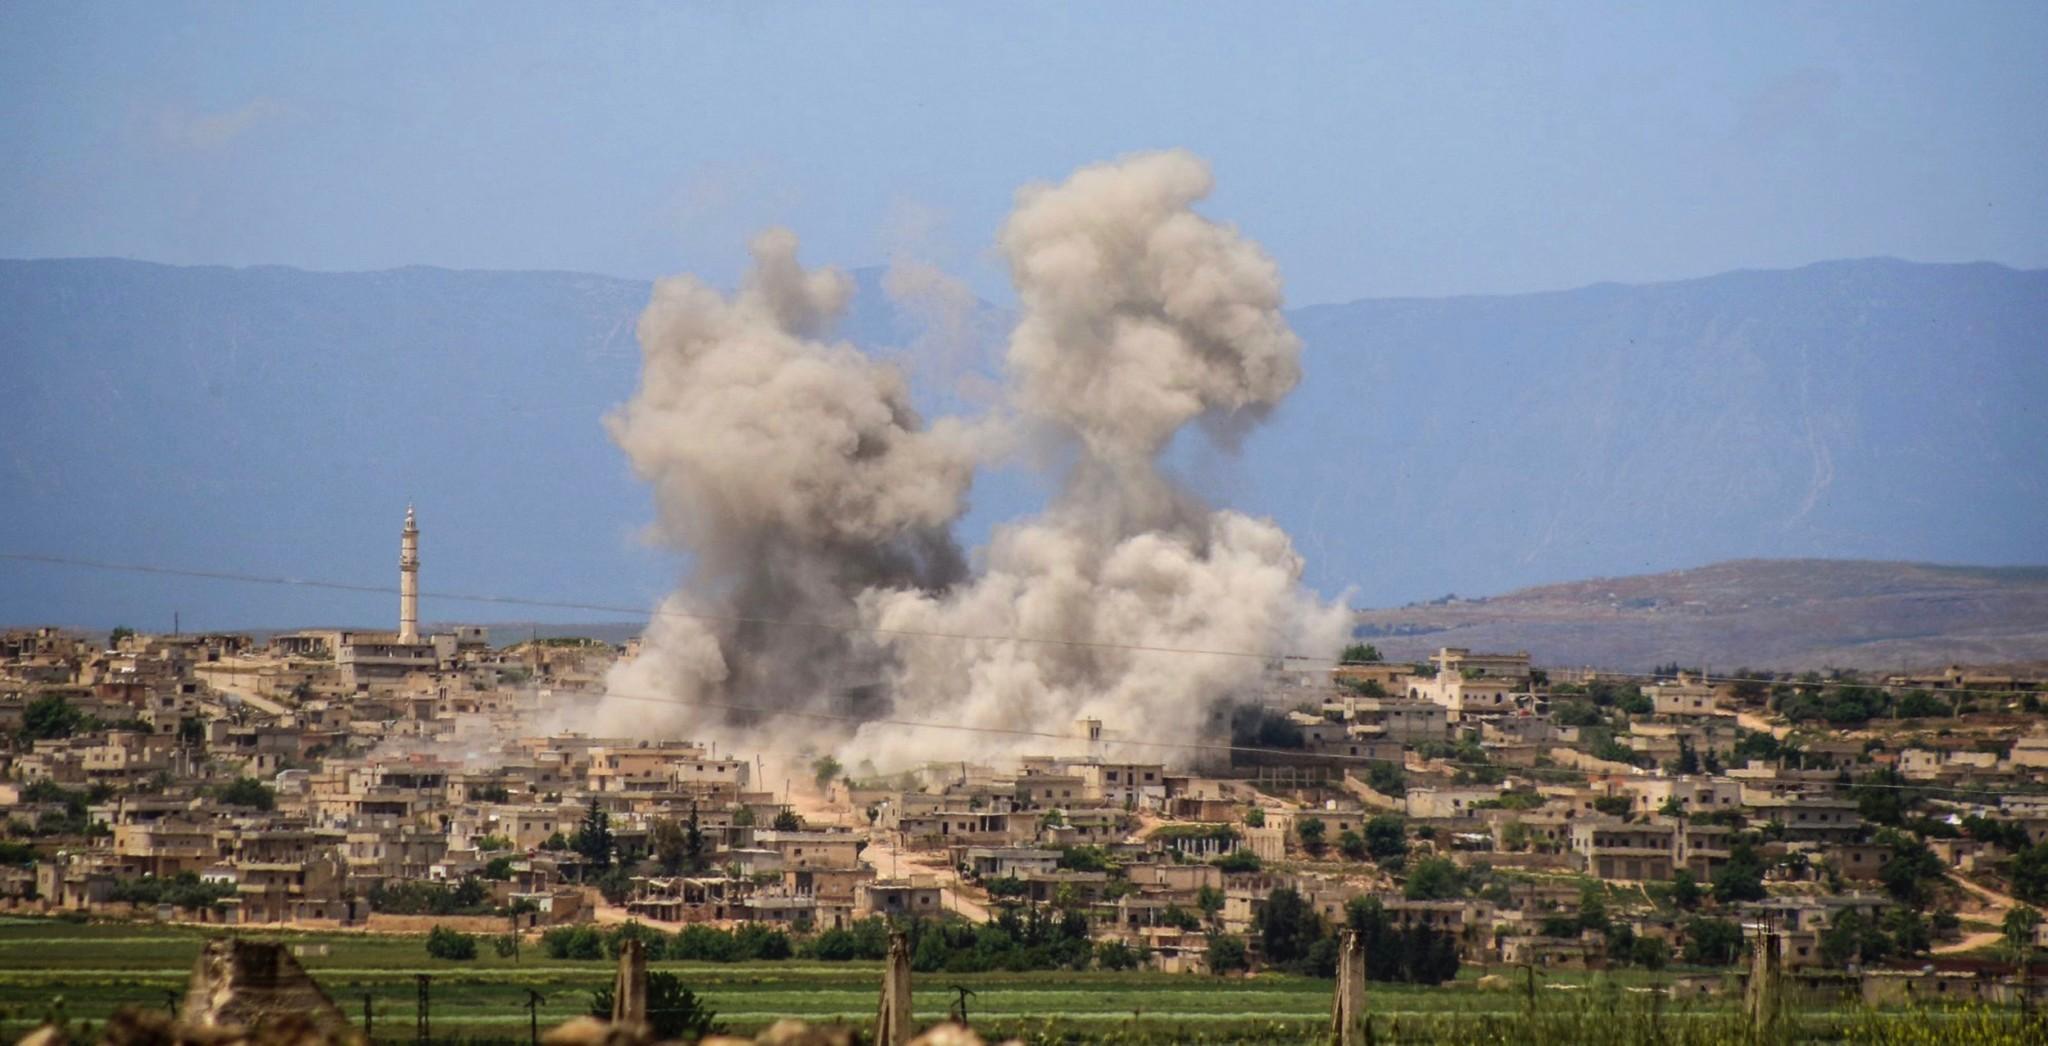 Mener kjemiske våpen er brukt i Syria